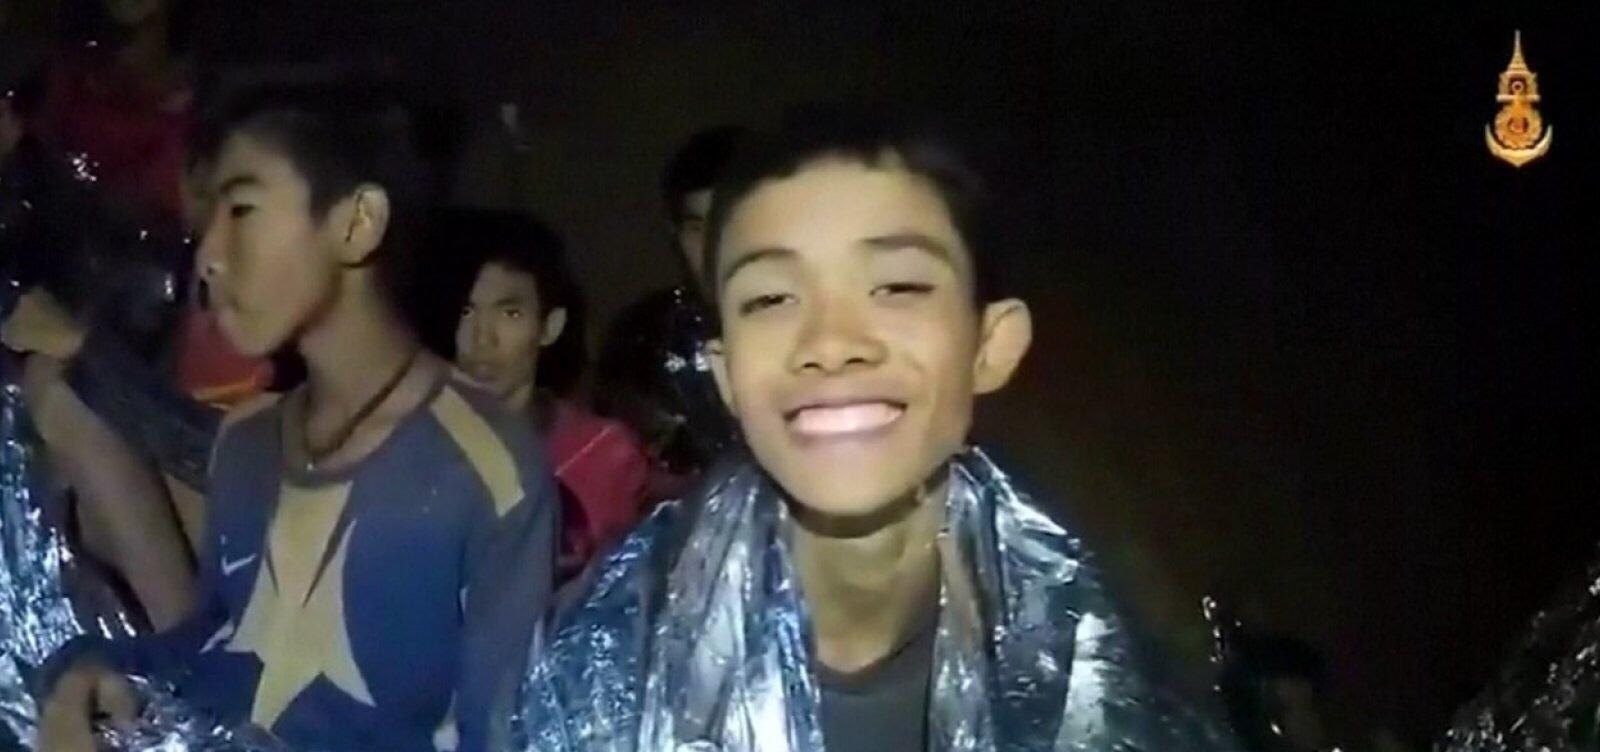 Grupo resgatado de caverna vai ficar internado por uma semana